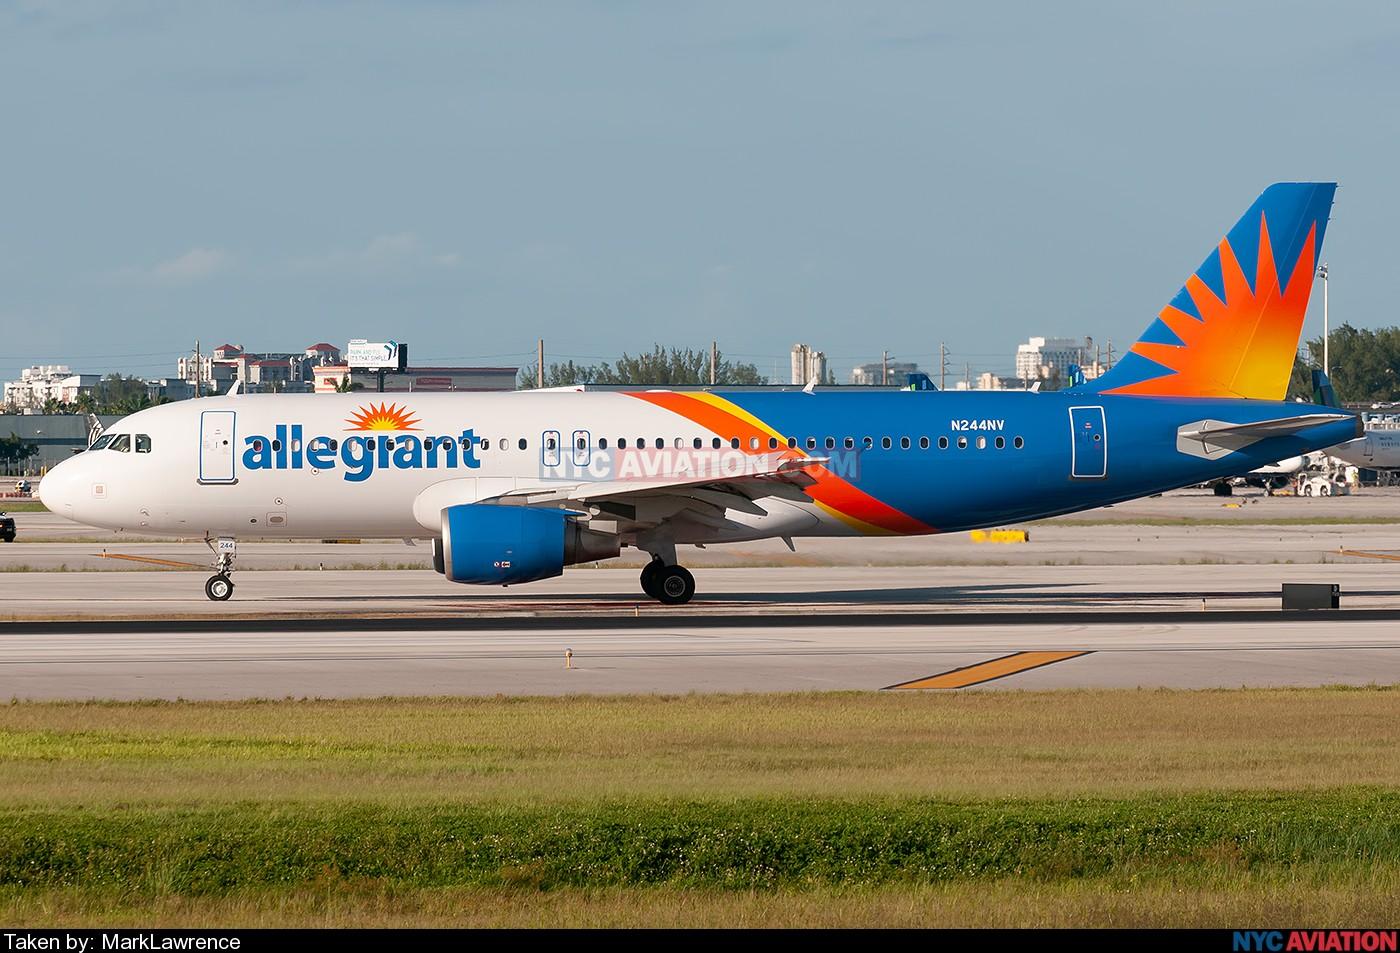 3U1LyTdIPG-A320-N244NV-KFLL-09052019.jpg